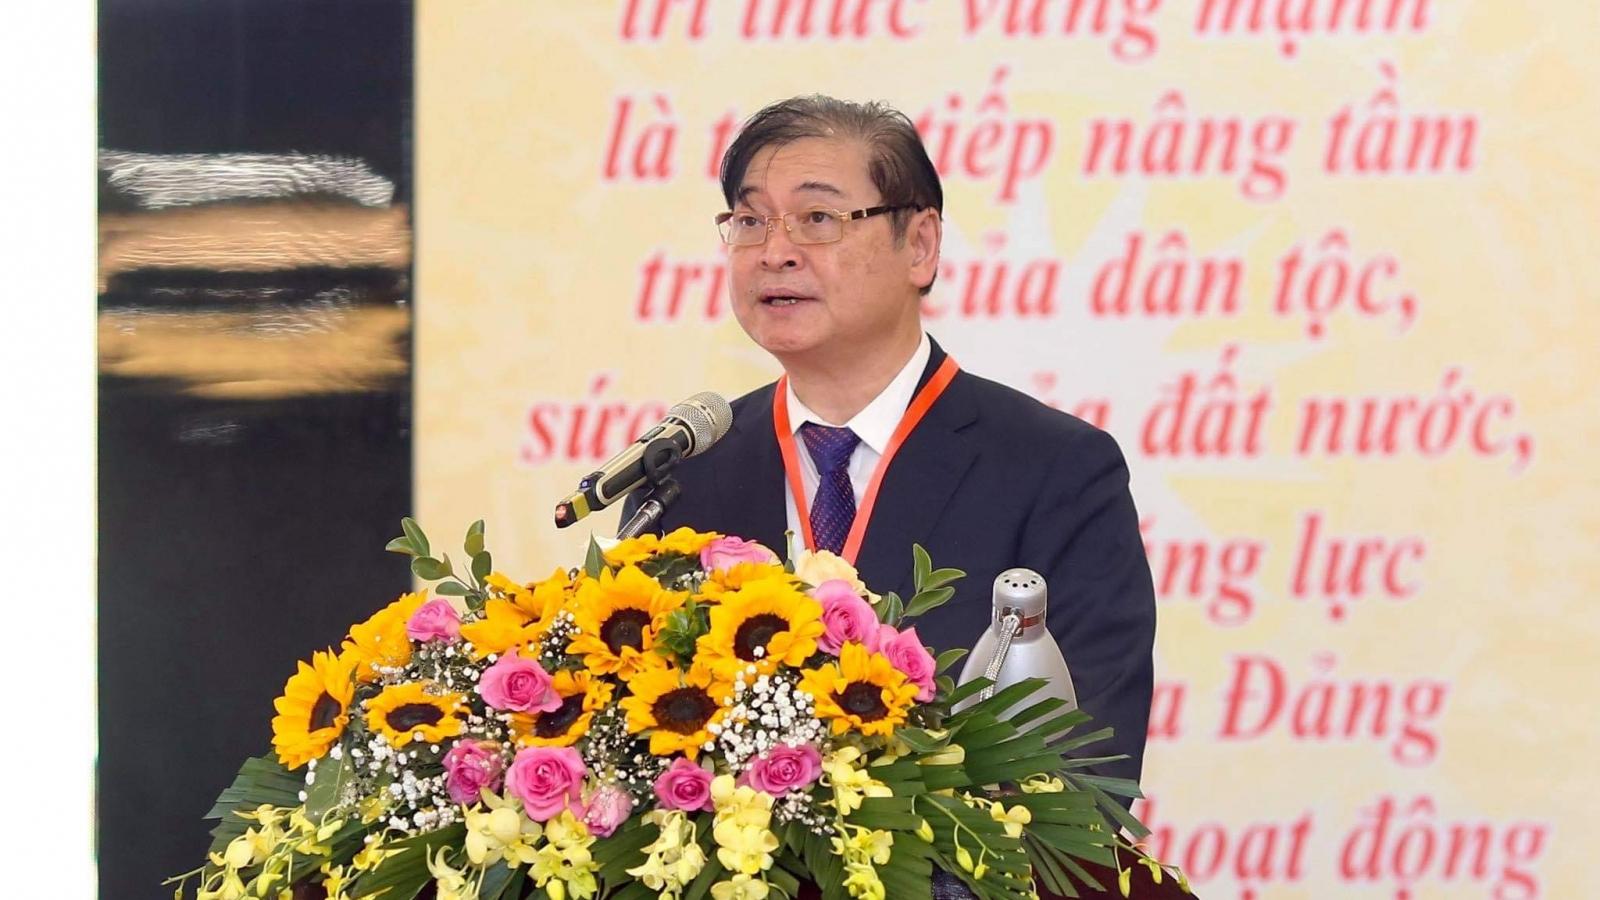 Ông Phan Xuân Dũng giữ chức Chủ tịch Liên hiệp Hội KHKT Việt Nam